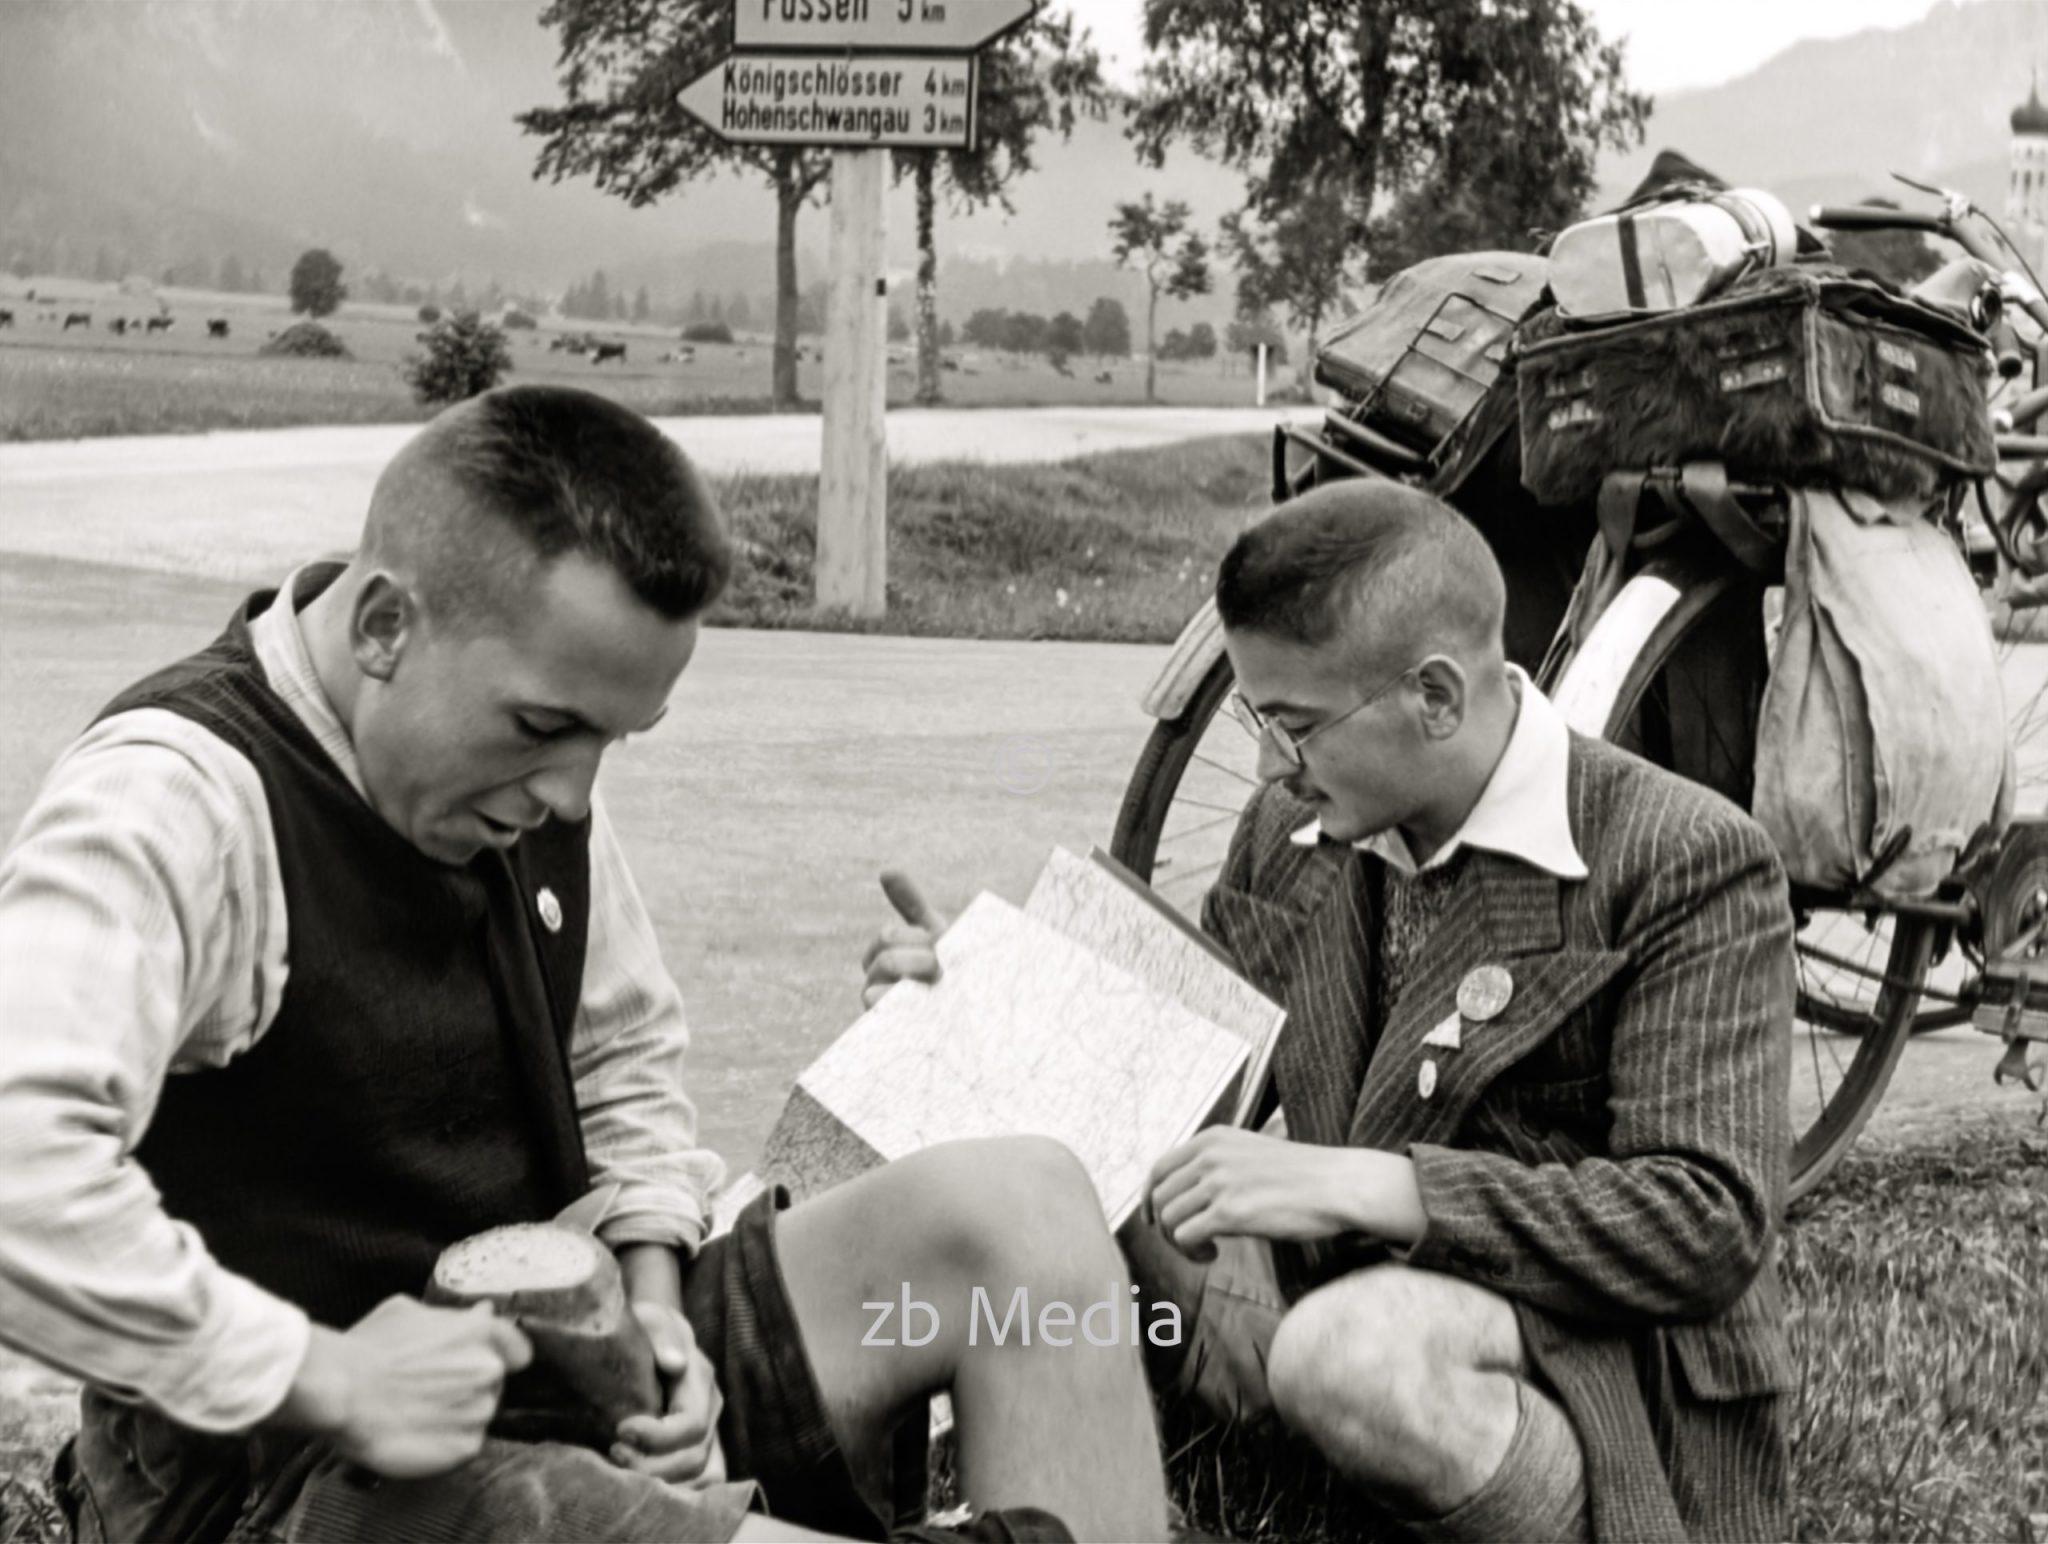 Radtour in Oberbayern 1937